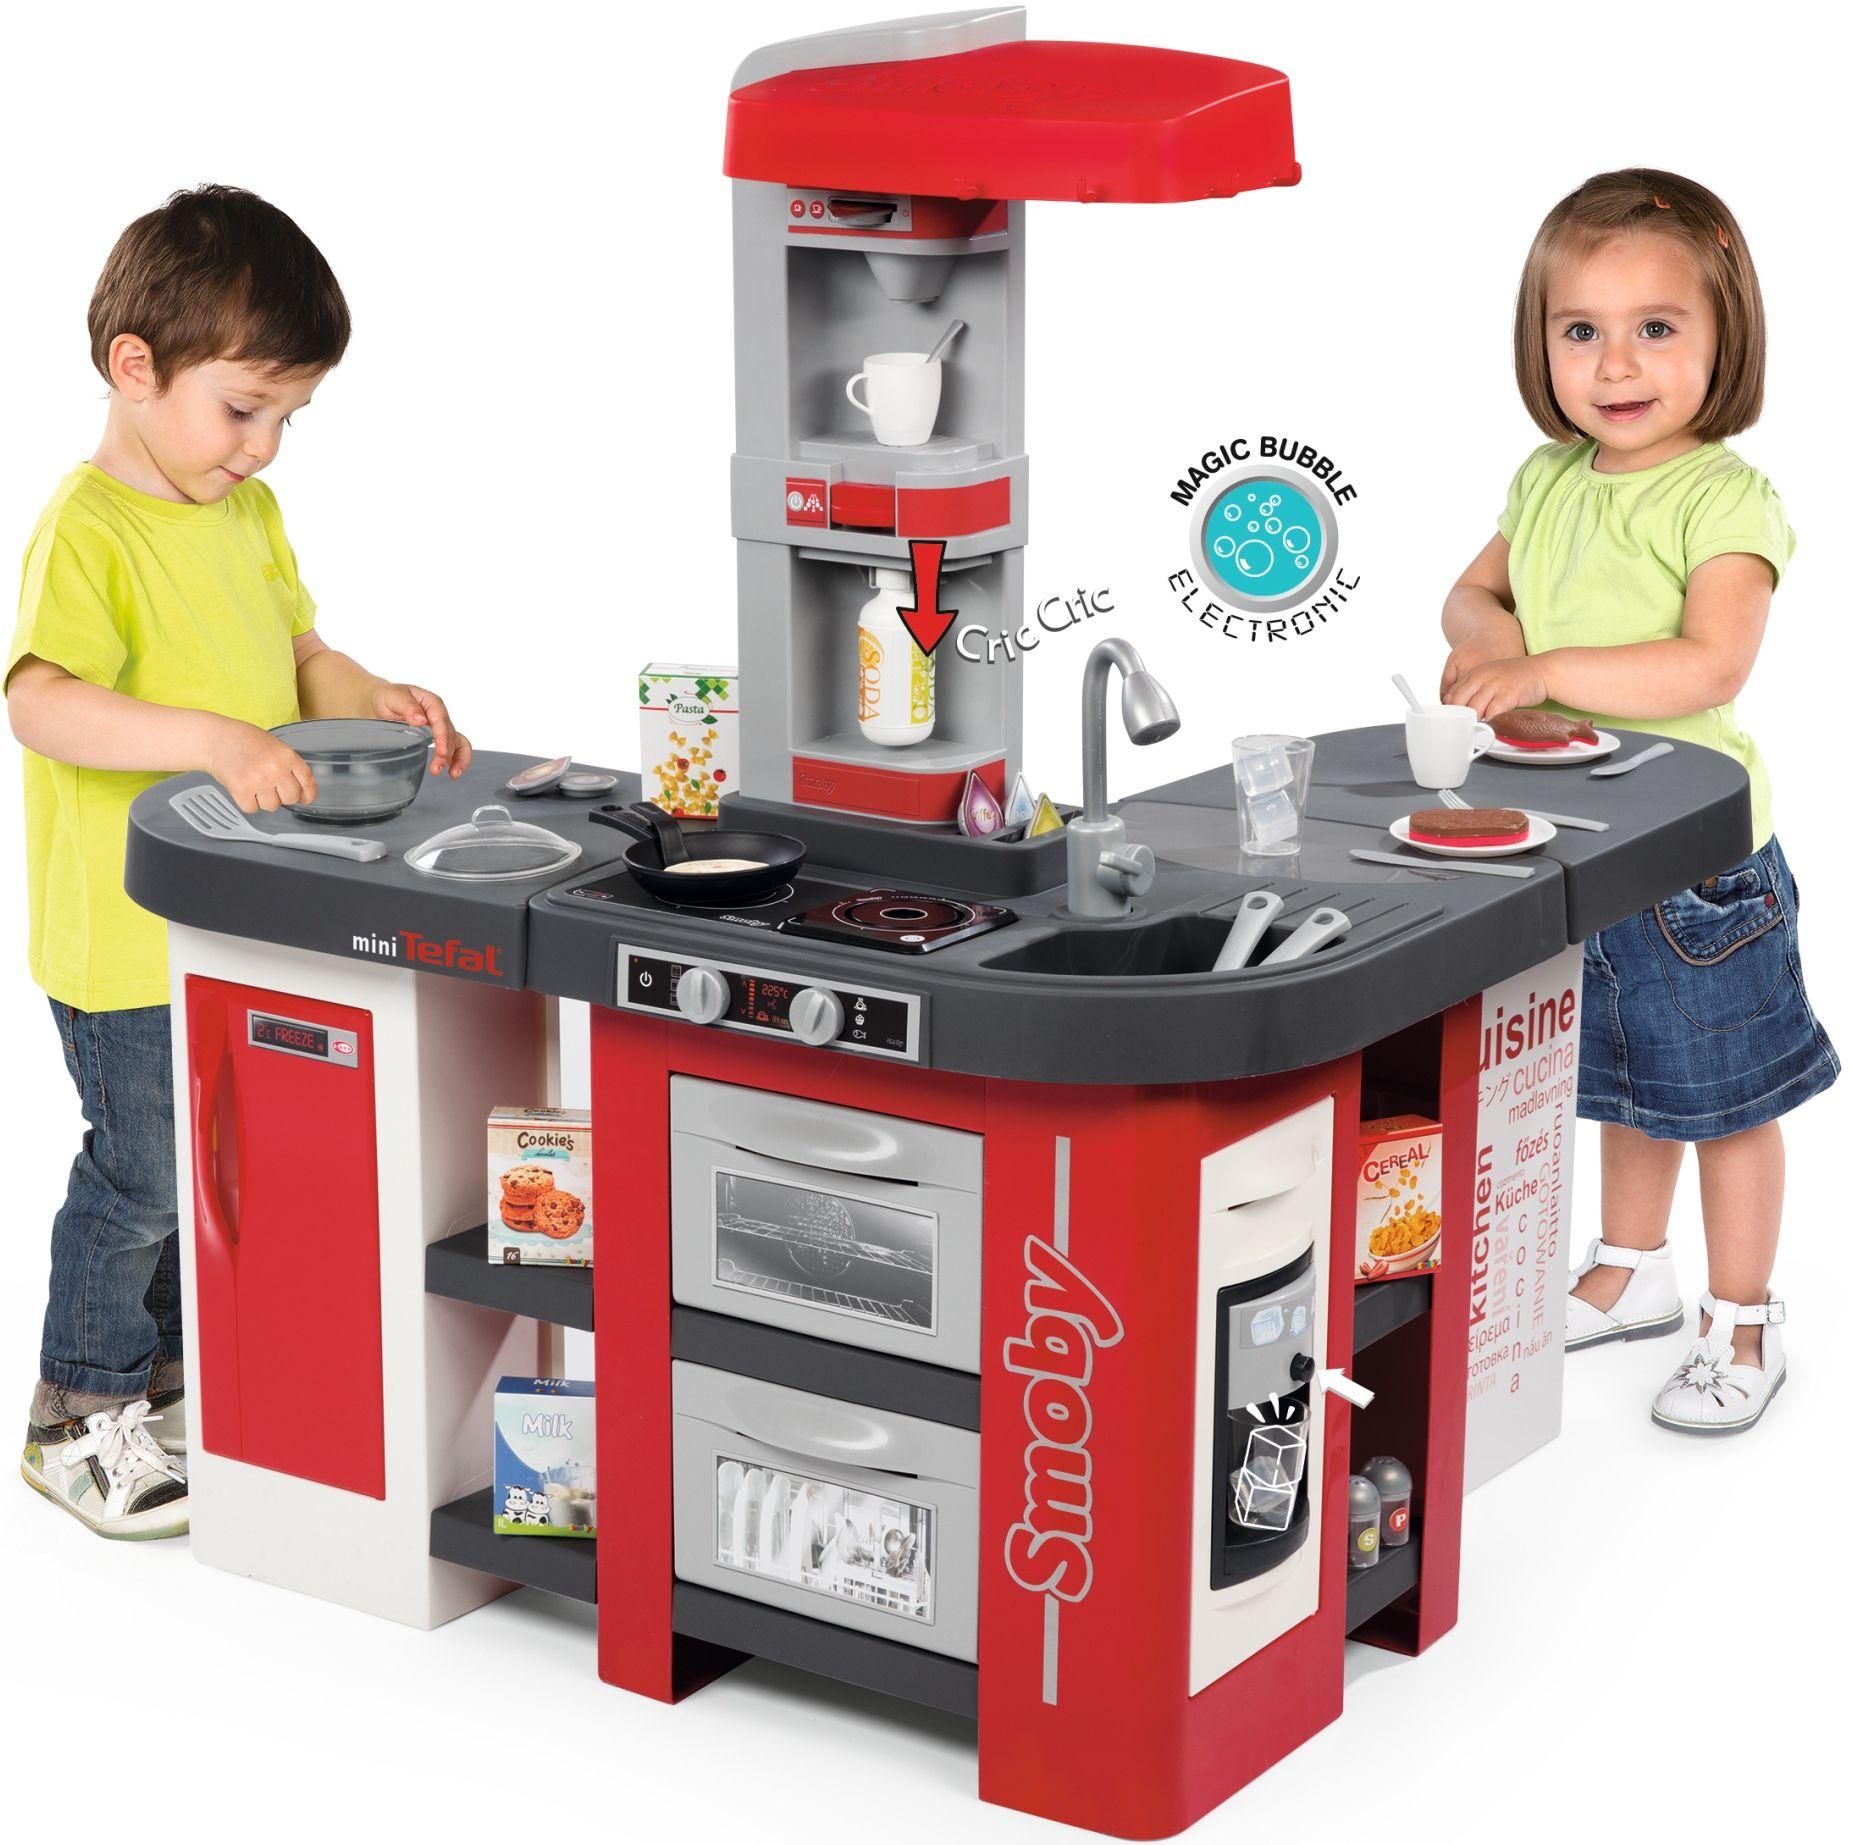 Smoby Duża Kuchnia Dla Dzieci Mini Tefal Studio Bubble Xxl